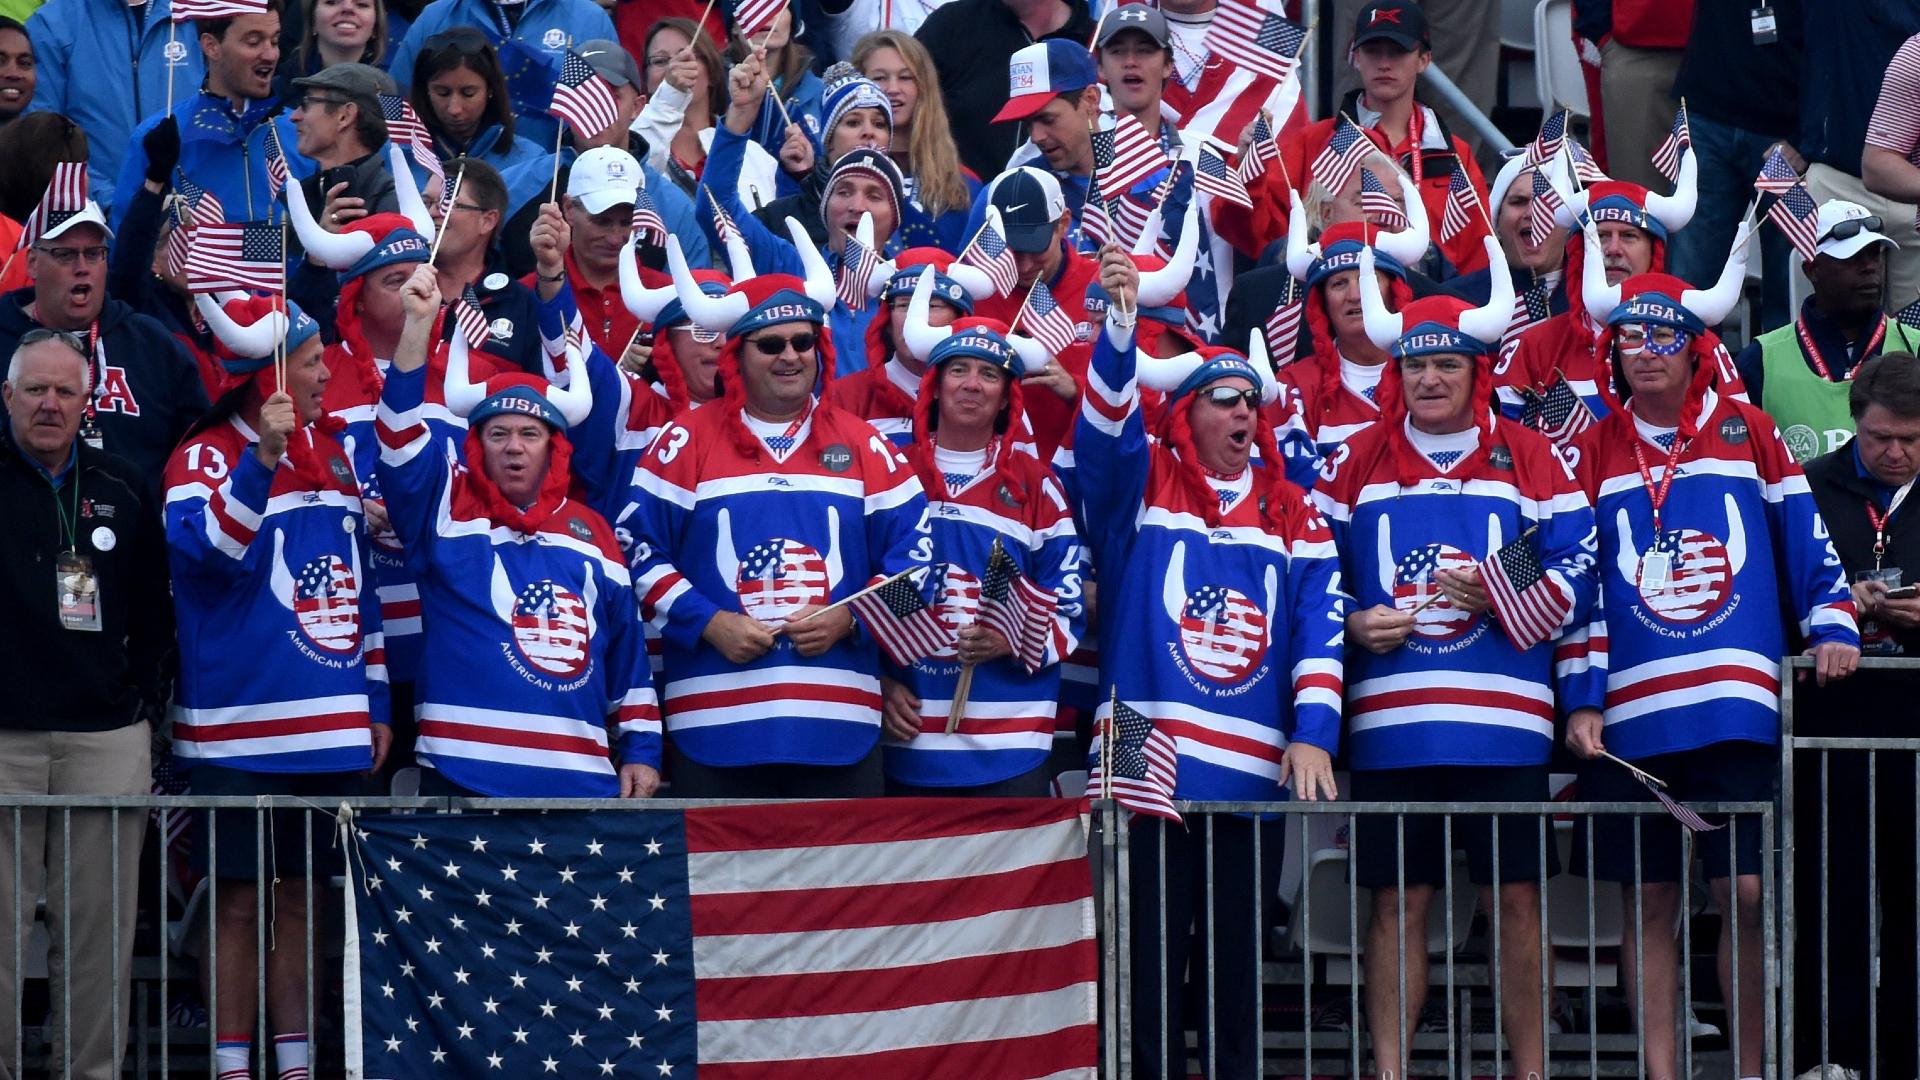 USA fans at Hazeltine in 2016